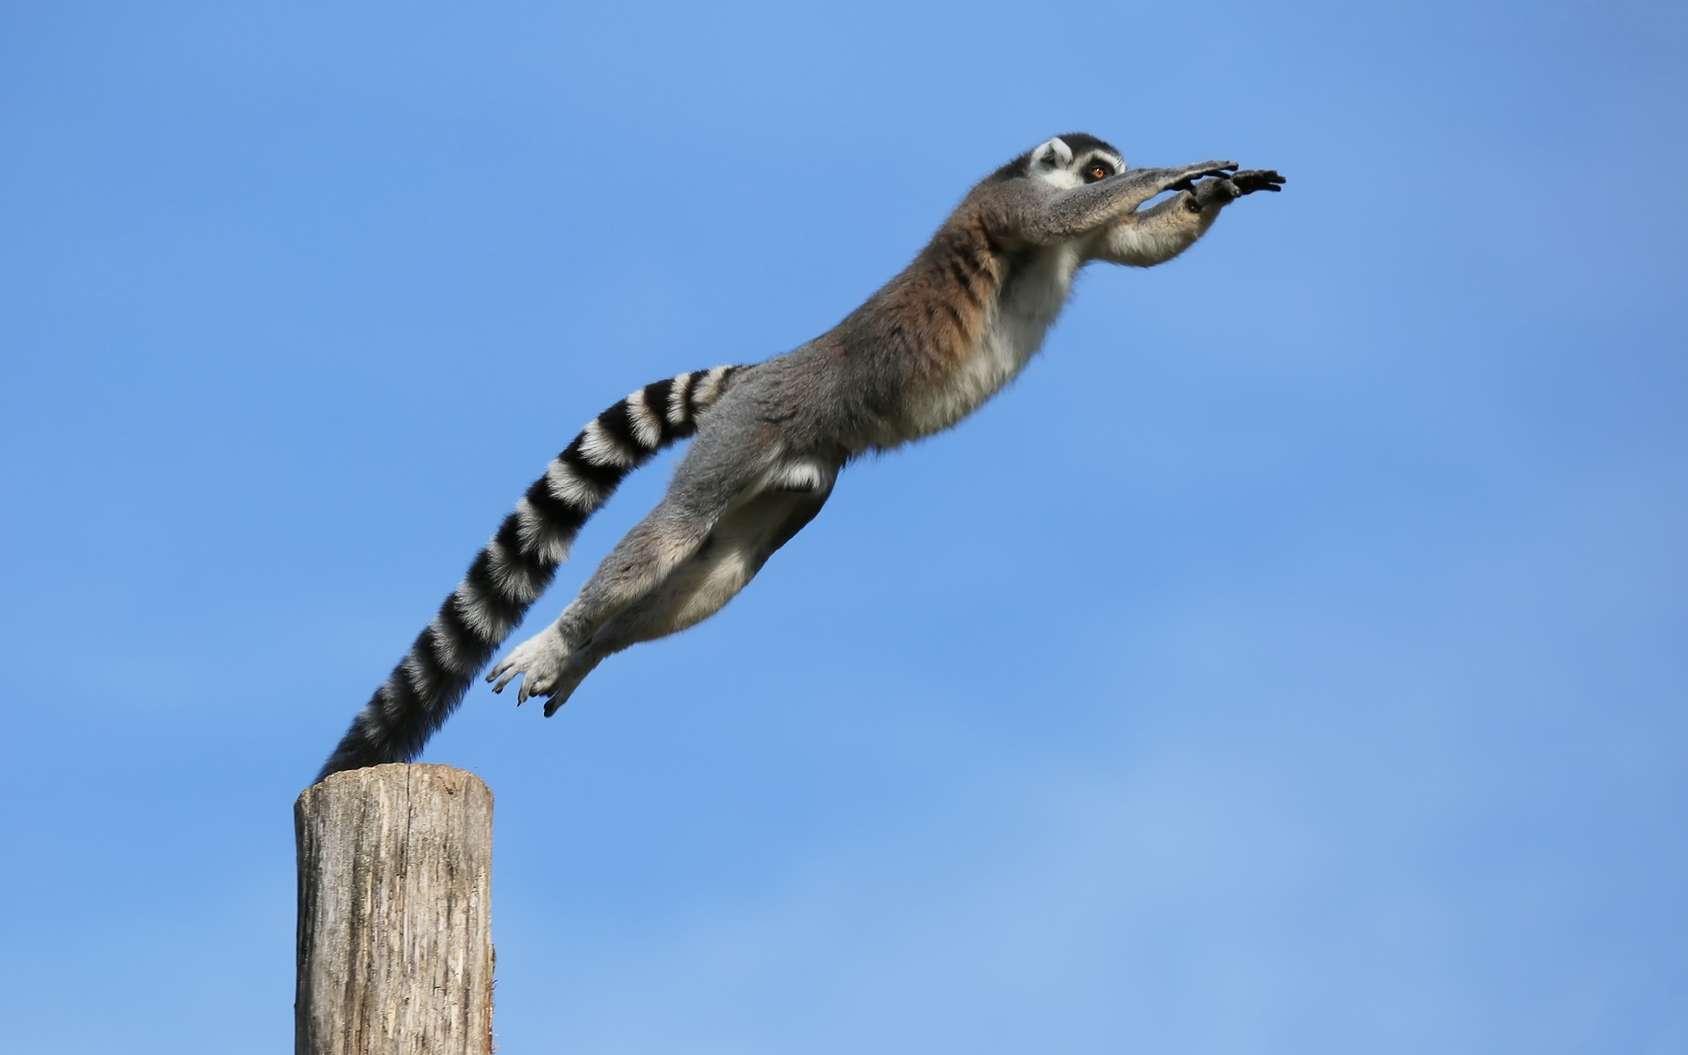 Les populations de lémuriens sont en fort déclin à Madagascar, principalement à cause de la destruction de leur habitat. © Patrick J., Fotolia